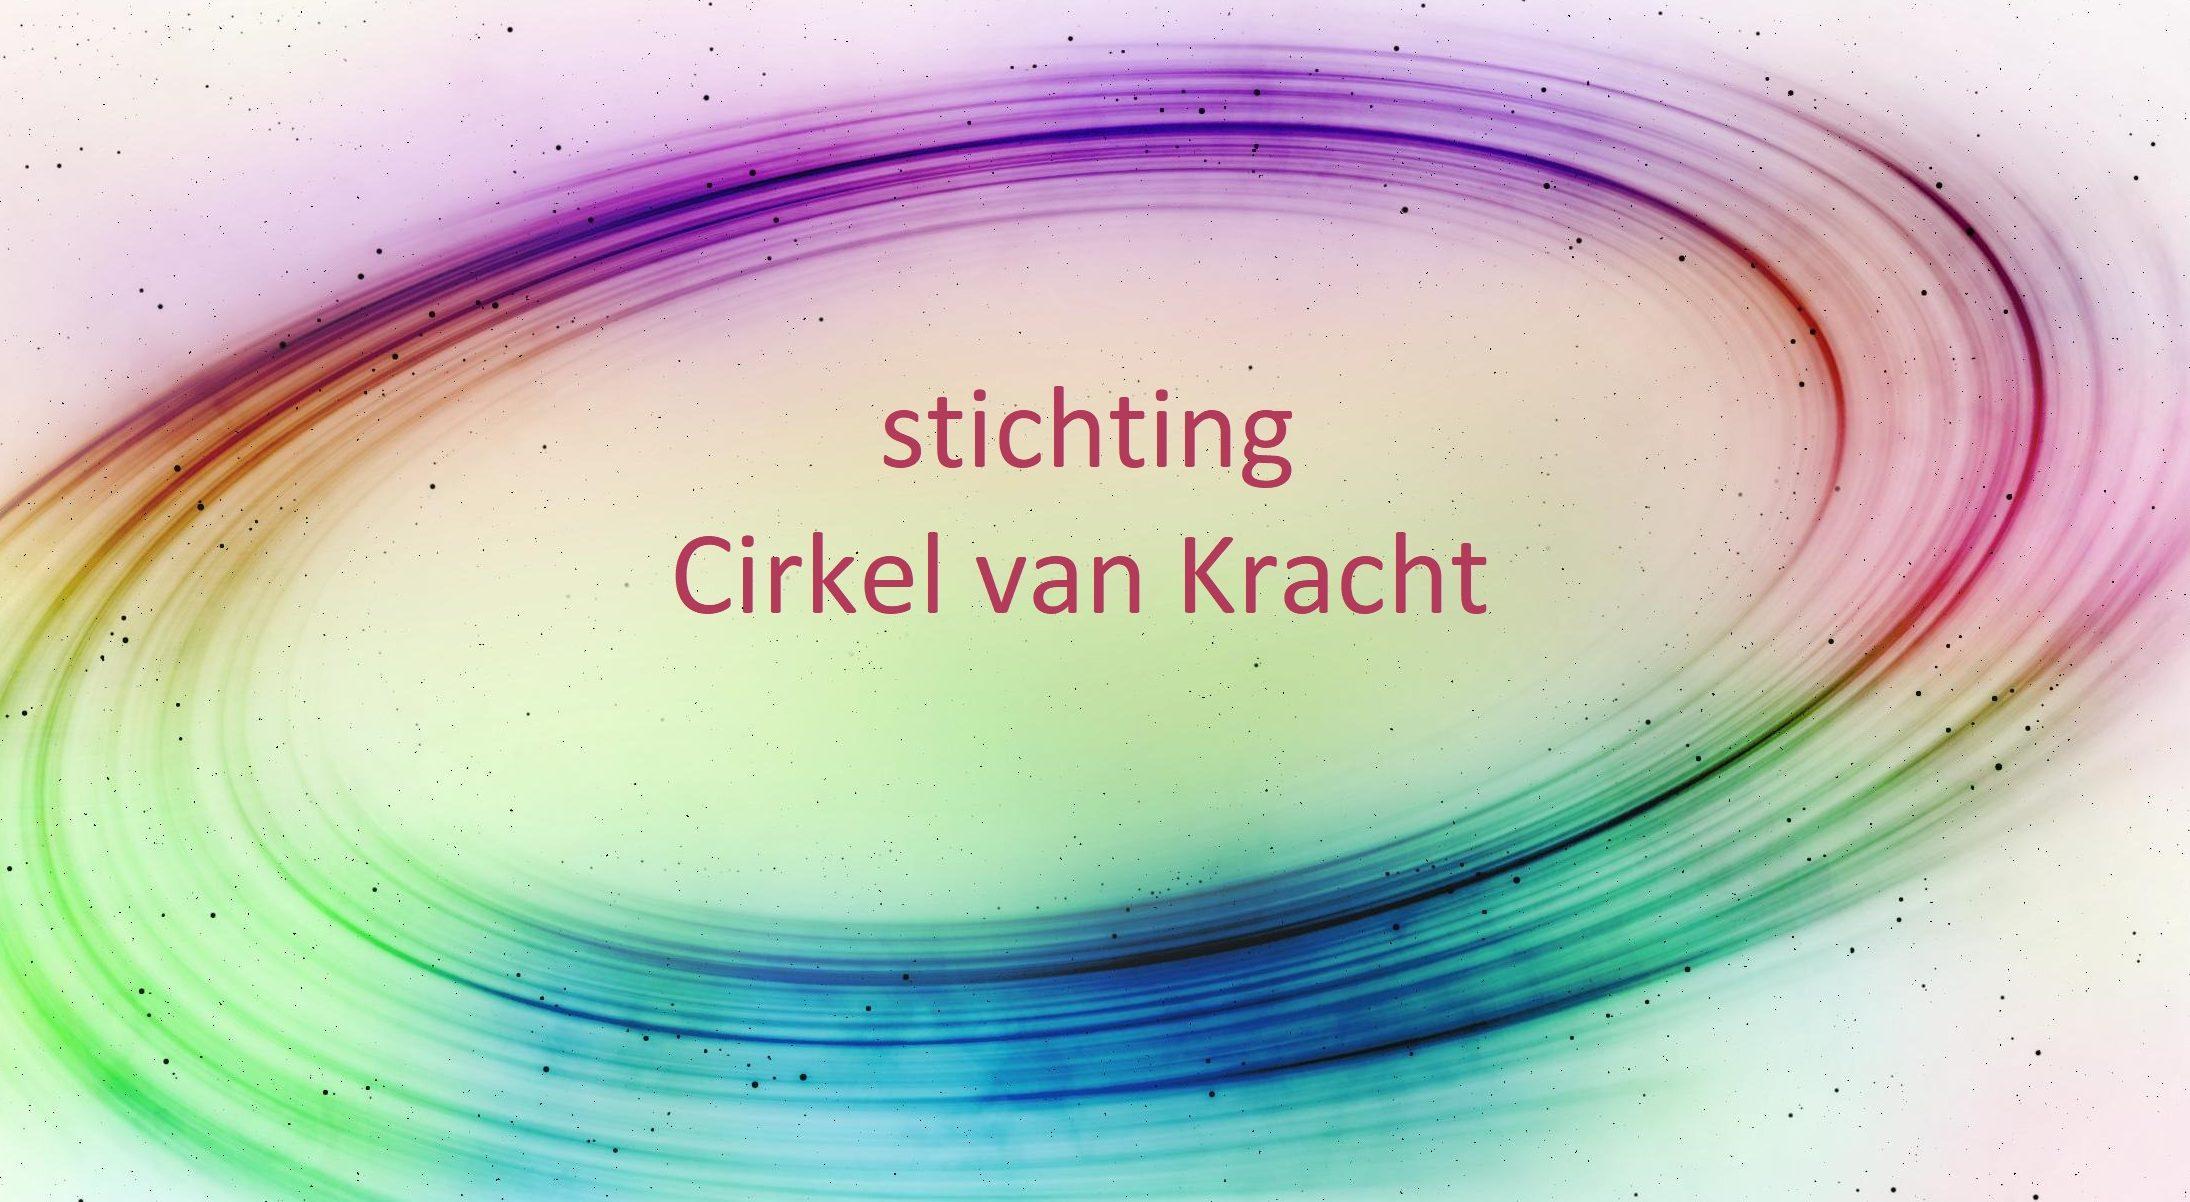 Welkom bij  stichting Cirkel van Kracht.